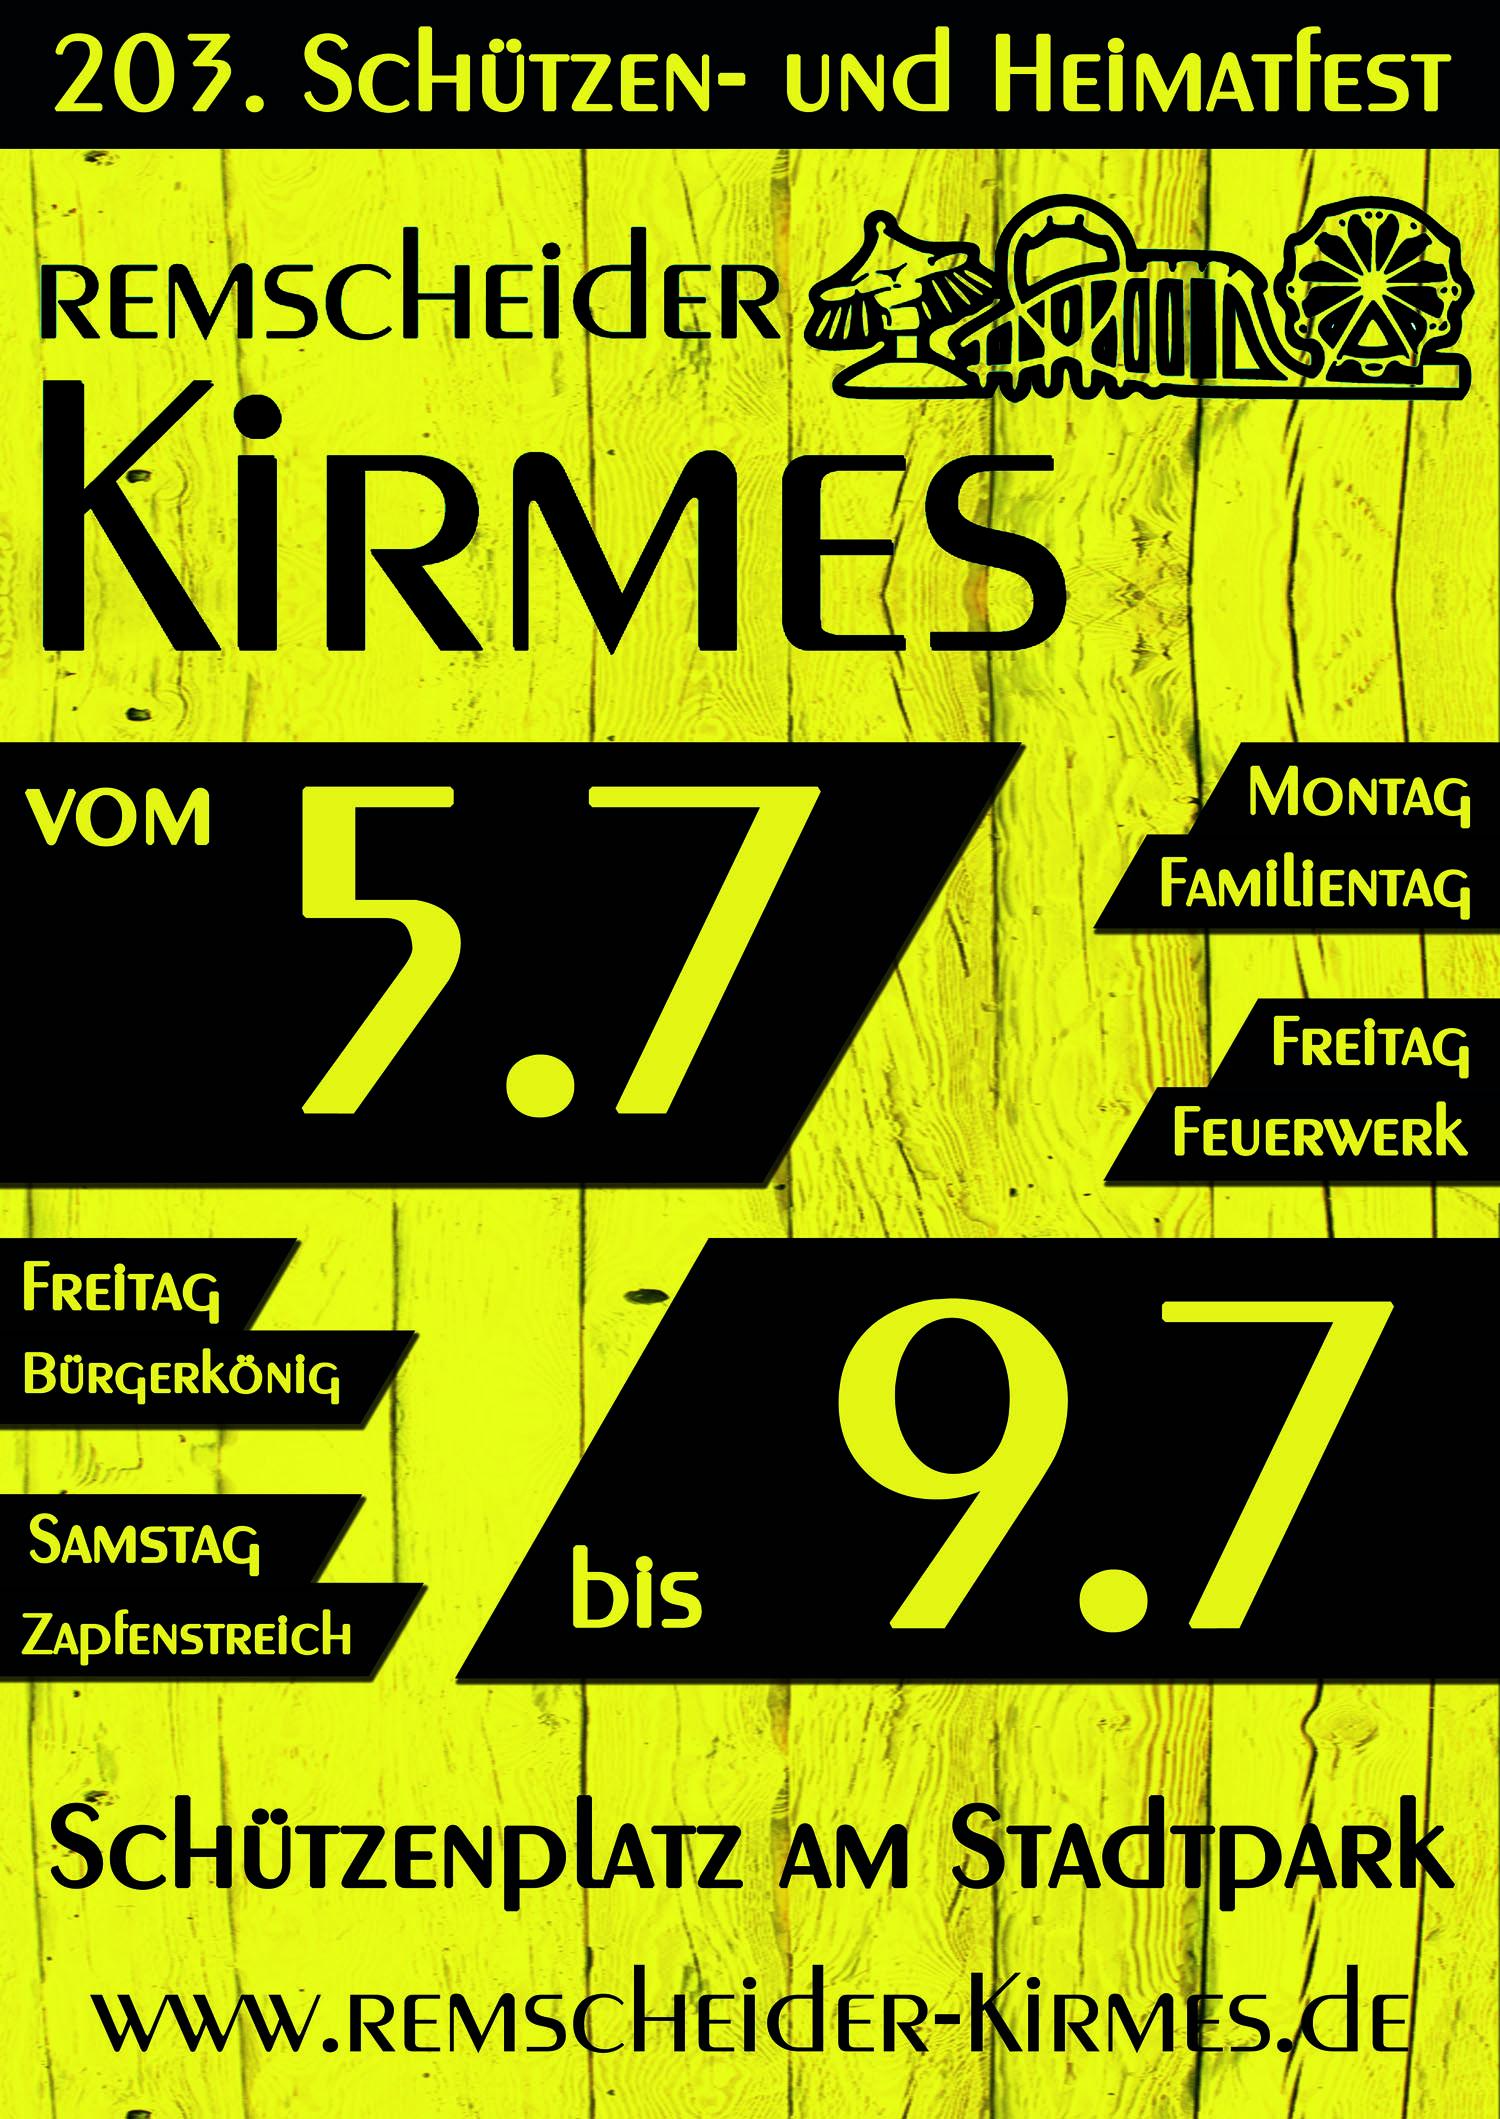 Remscheider Kirmes